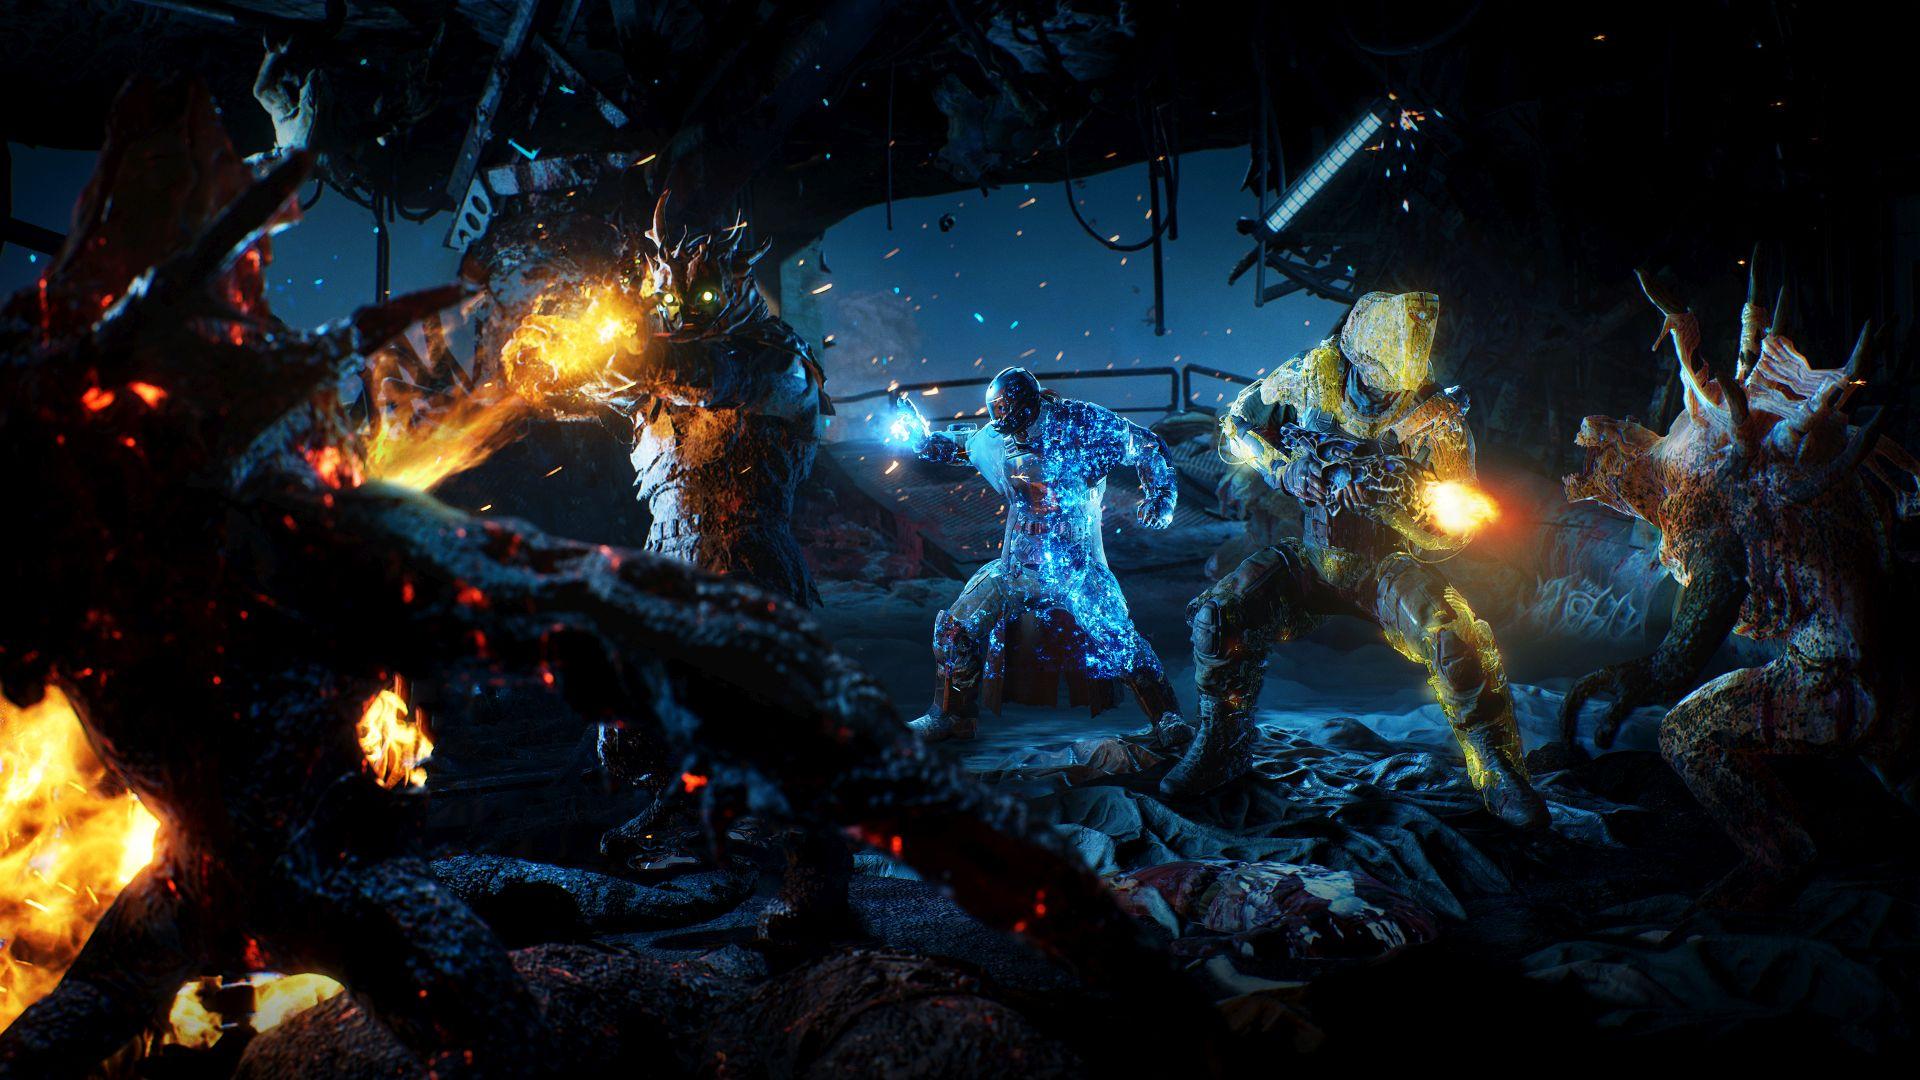 Outriders Trailers Mengungkapkan Pemotretan Berbasis Sampul, Kelas, dan Mekanika RPG 1